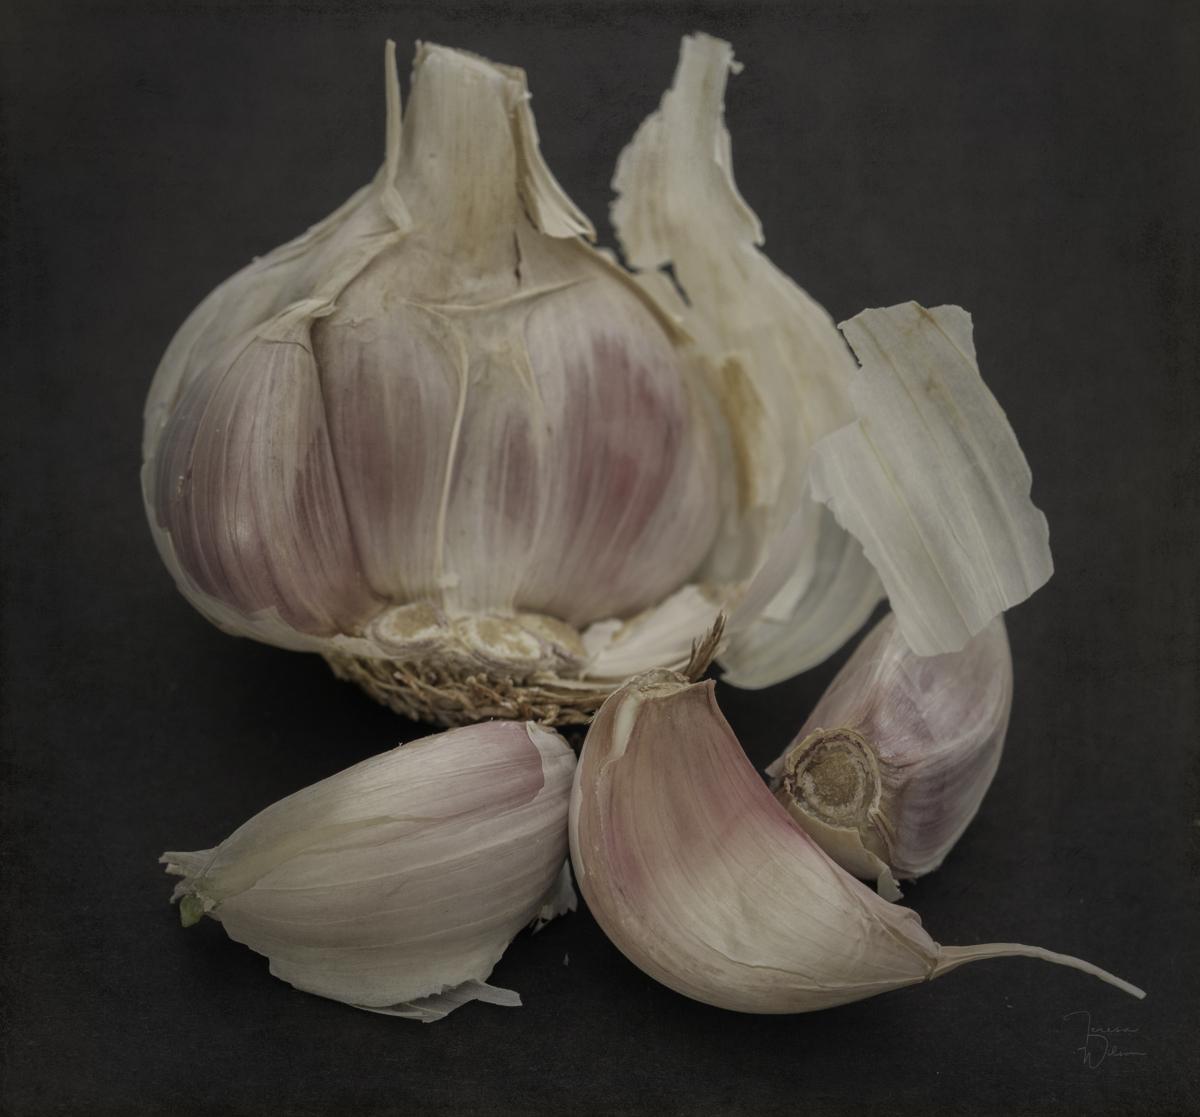 Garlic-7640 (large view)